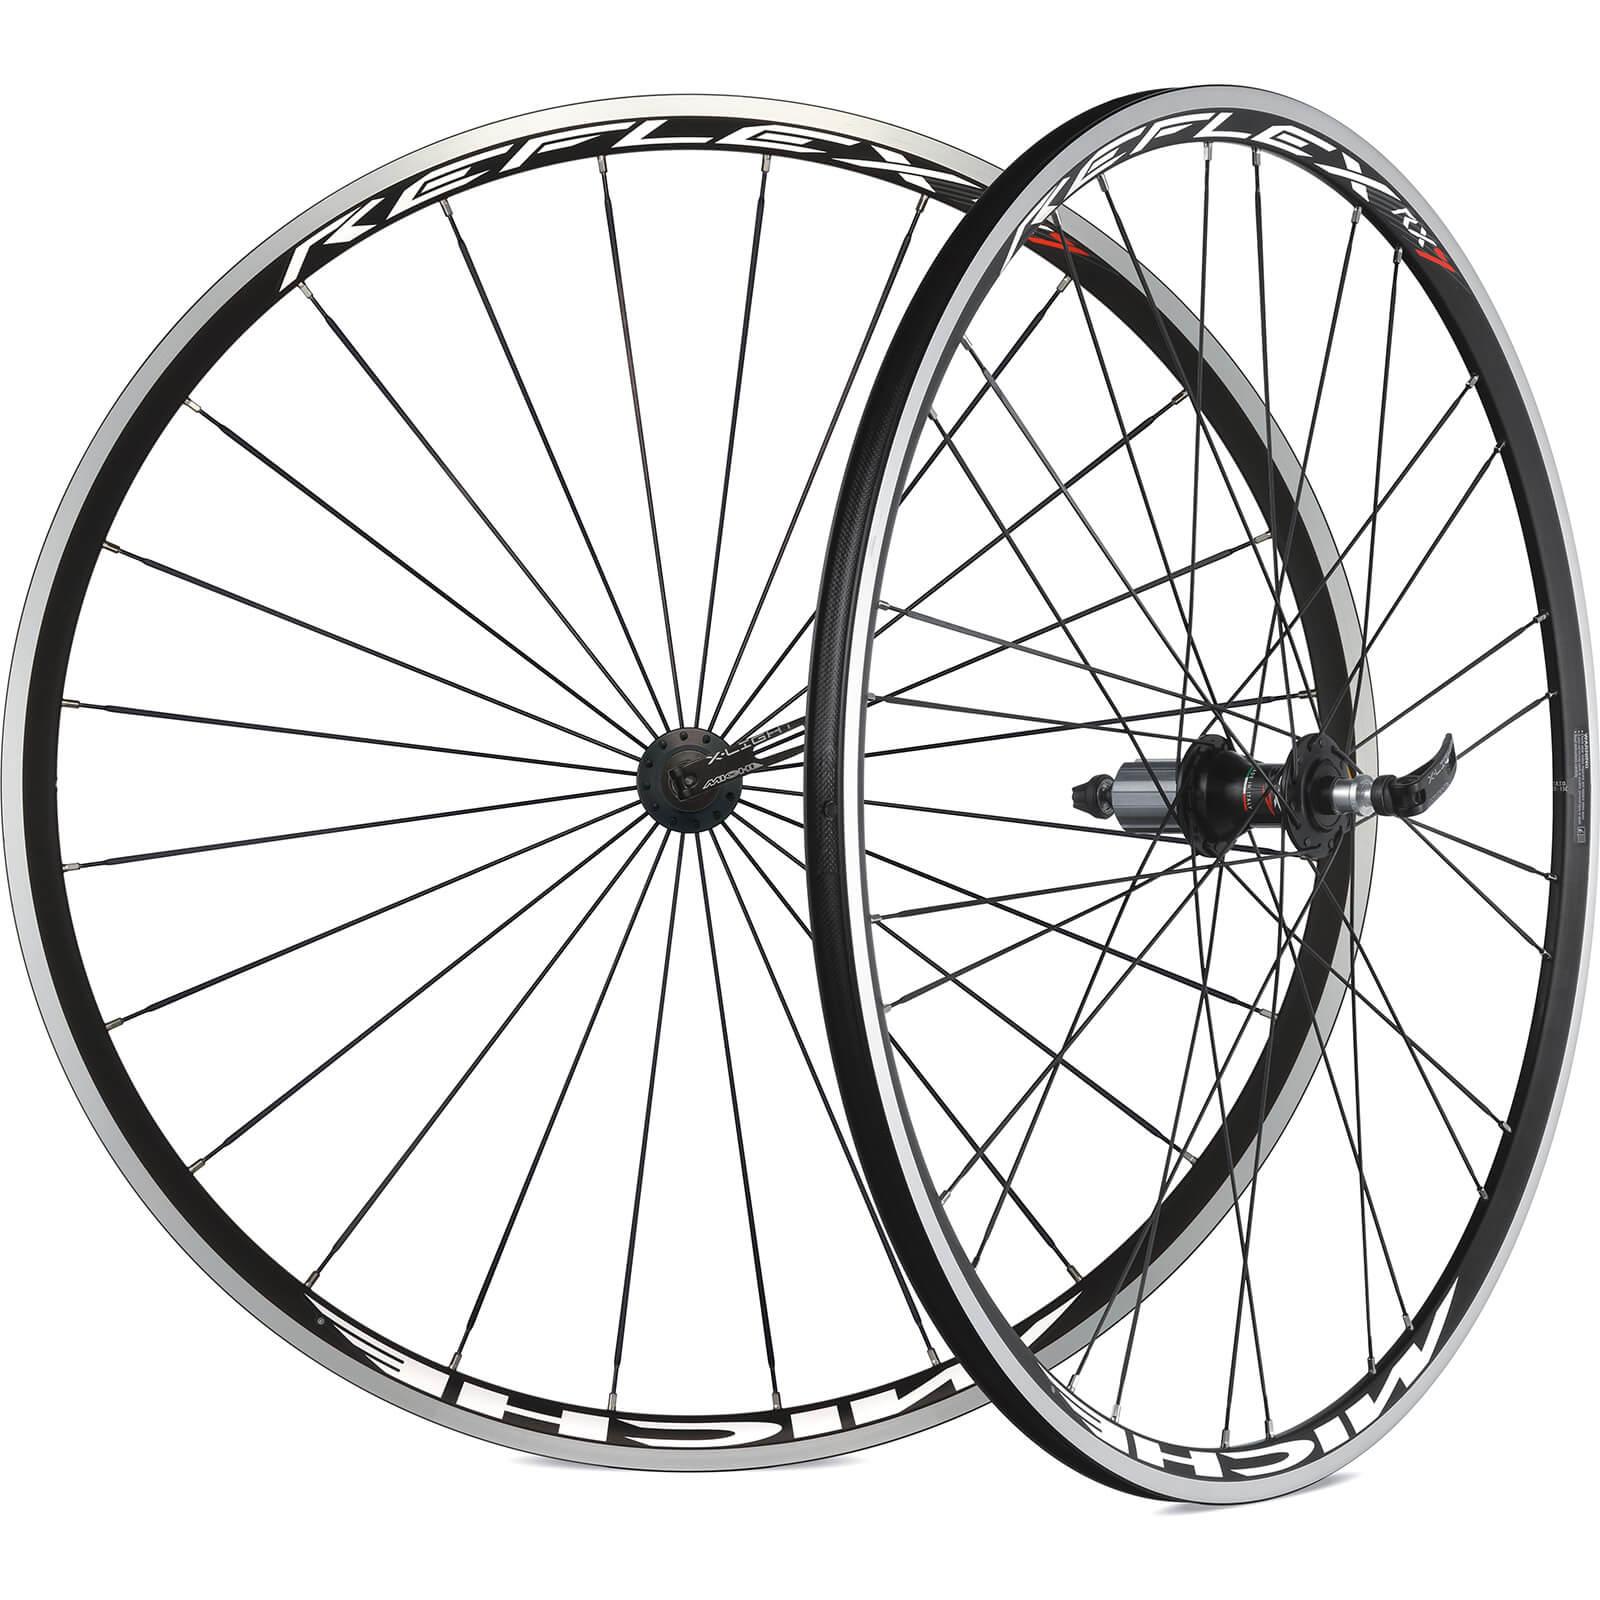 Miche Reflex RX7 Wheelset - Campagnolo - Schwarz